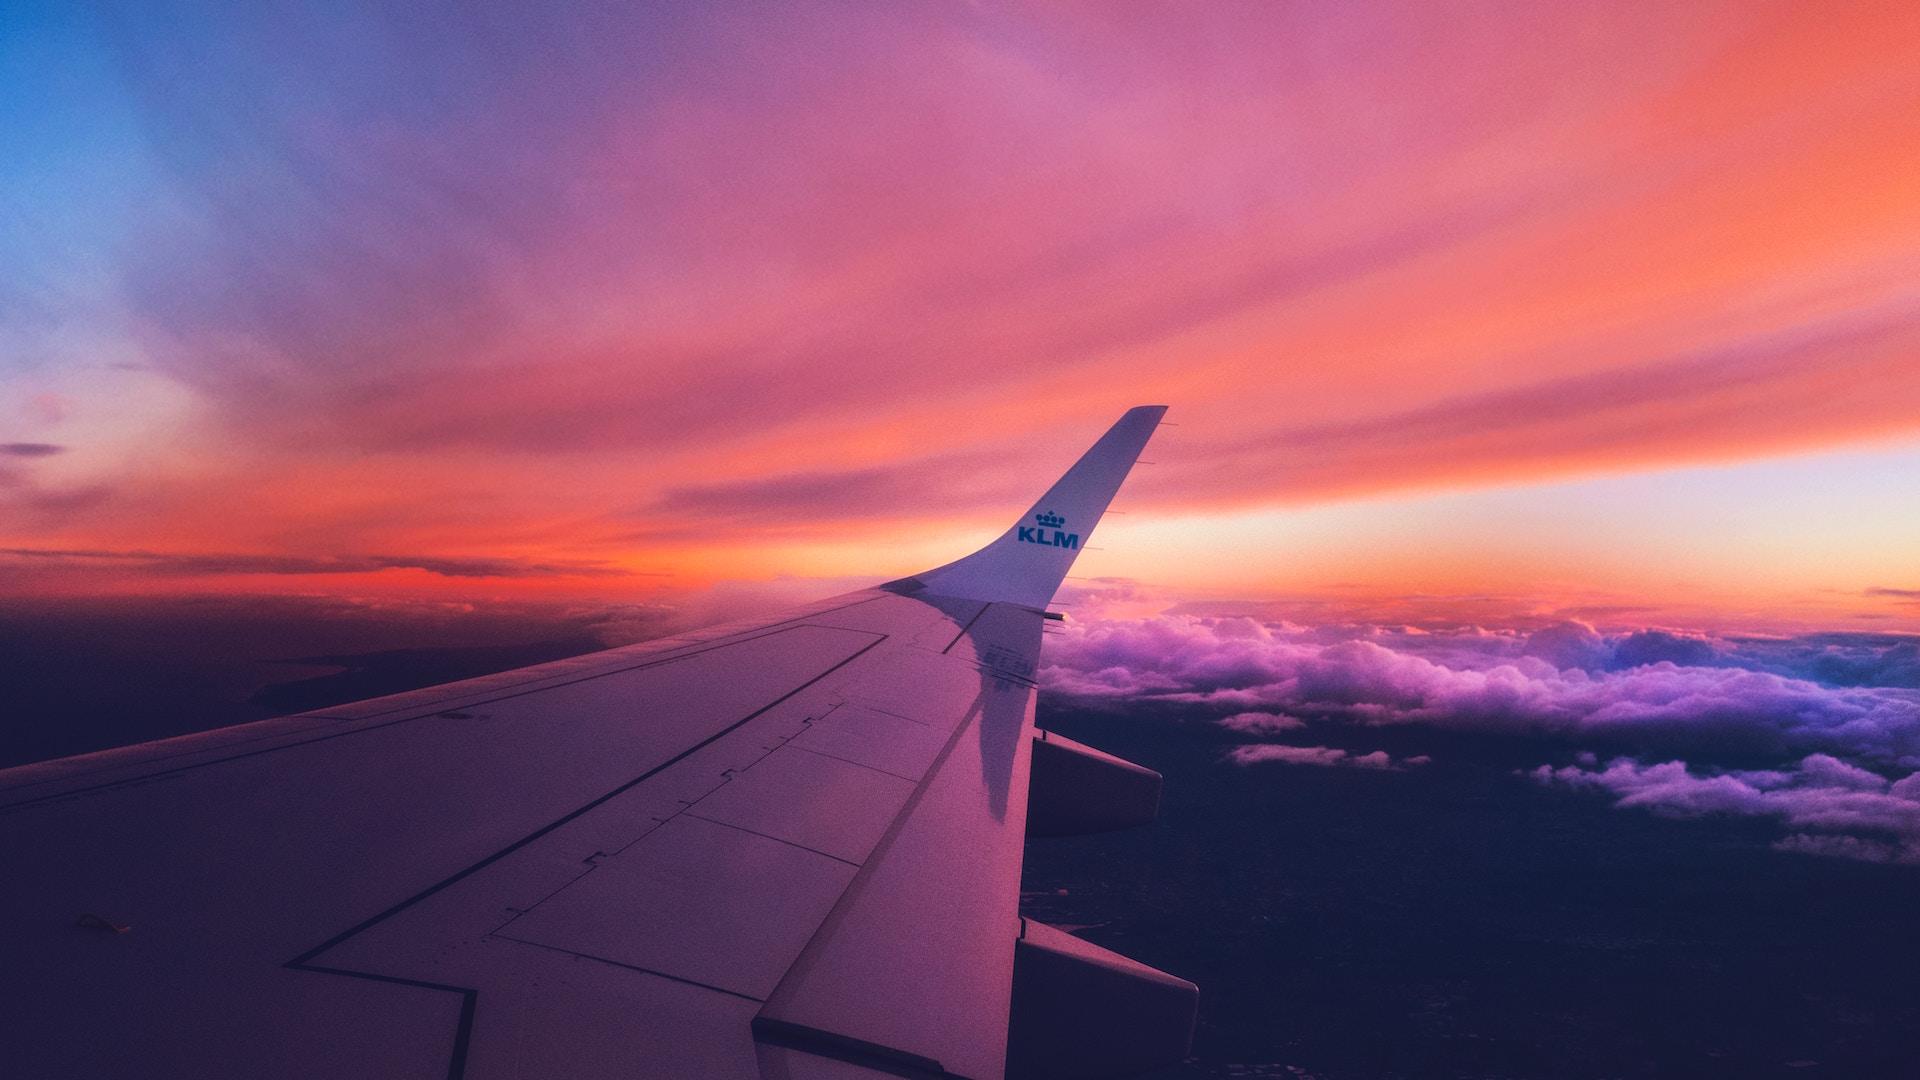 Viaggiare: Anche in Gravidanza, Spicca il Volo!